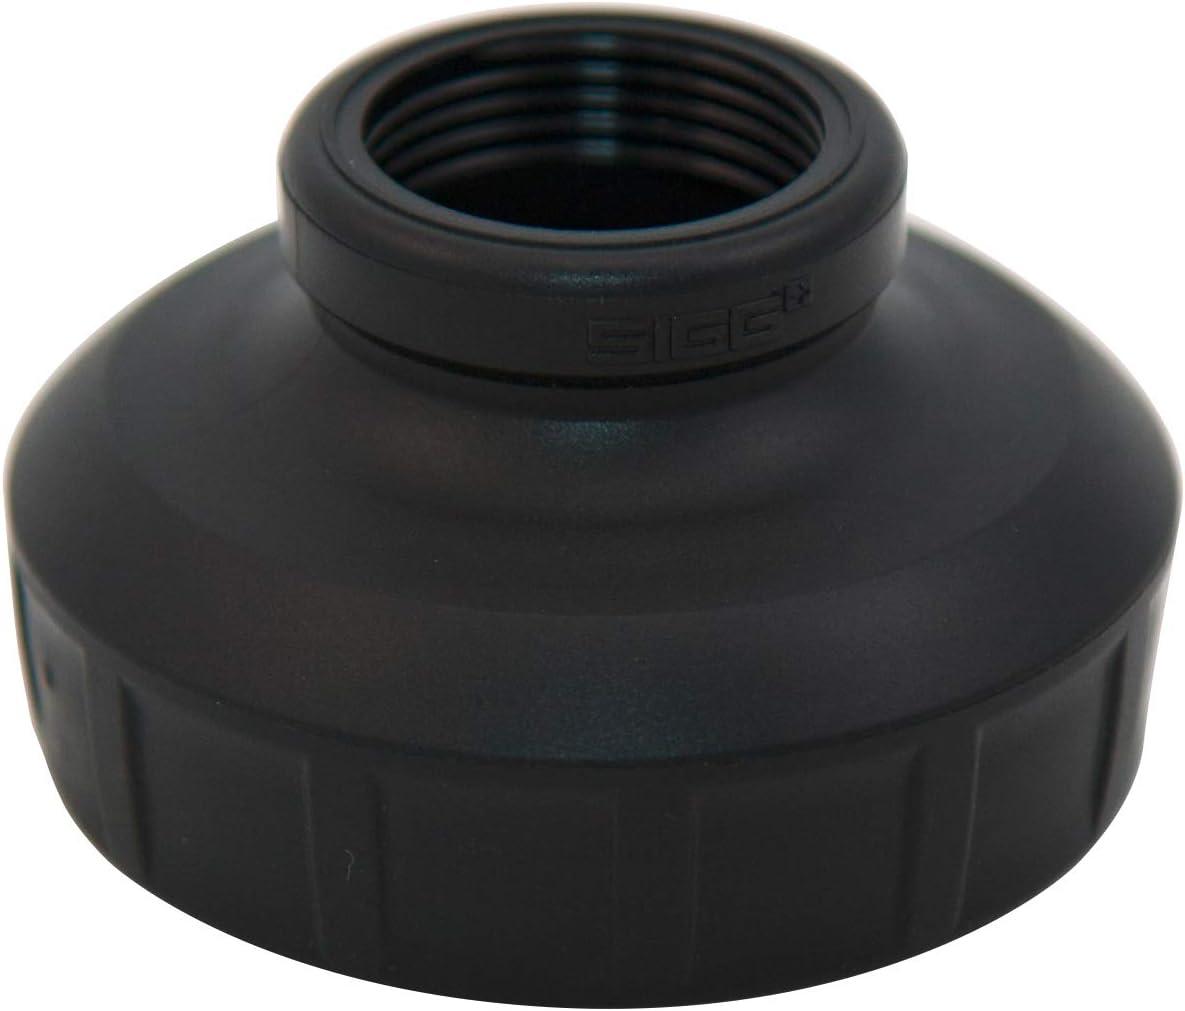 SIGG Screw Top Black pièce de rechange potable bouteilles fermeture couvercle noir